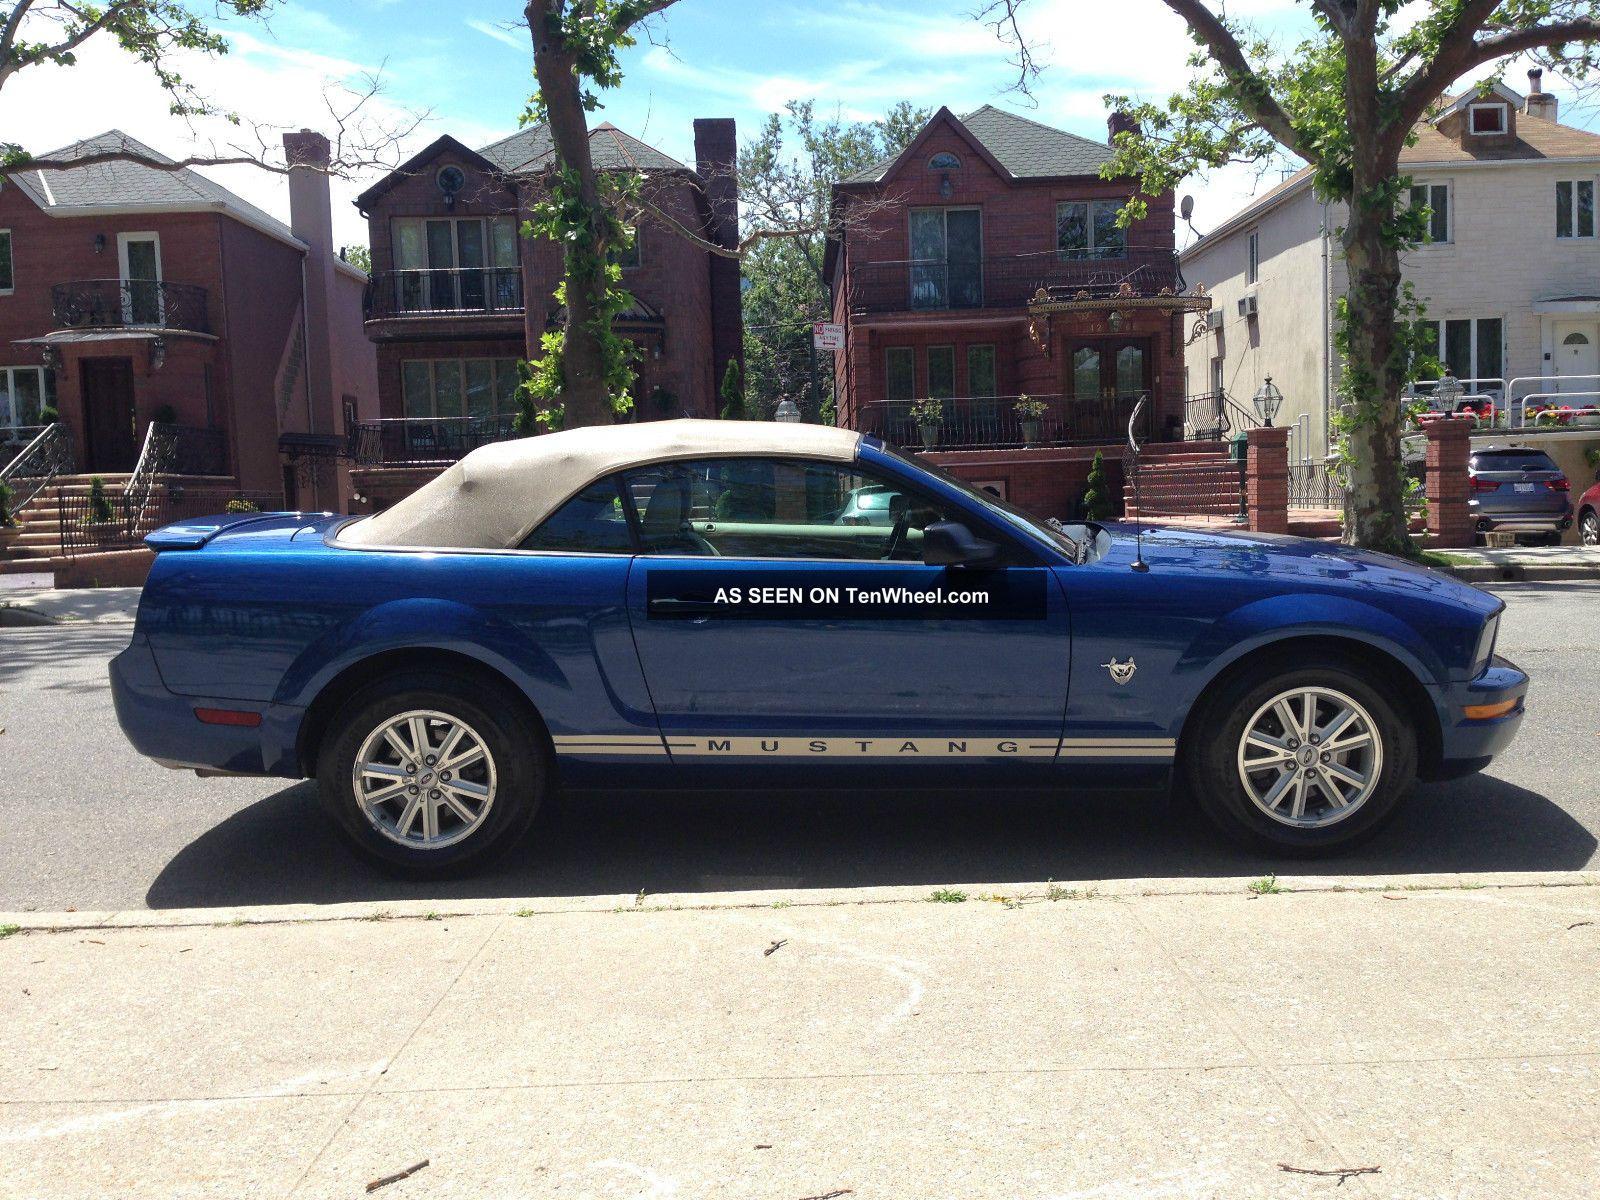 2009 Mustang Convertible 45th Anniversary Edition V6